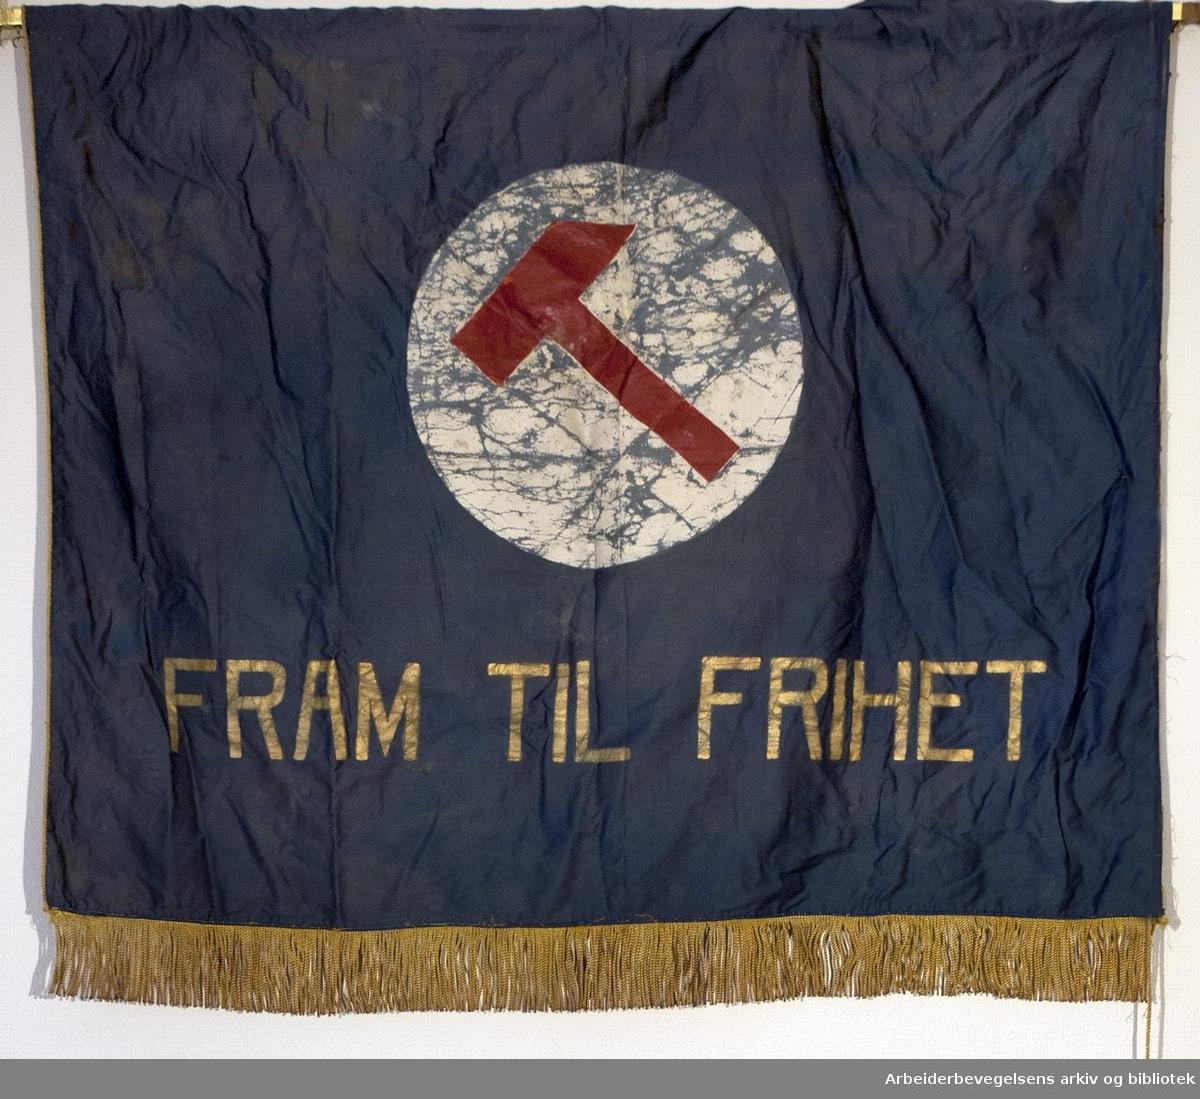 Sørumsand arbeiderungdomslag AUF.Stiftet 11. oktober 1928..Bakside..Fanetekst: Fram til frihet